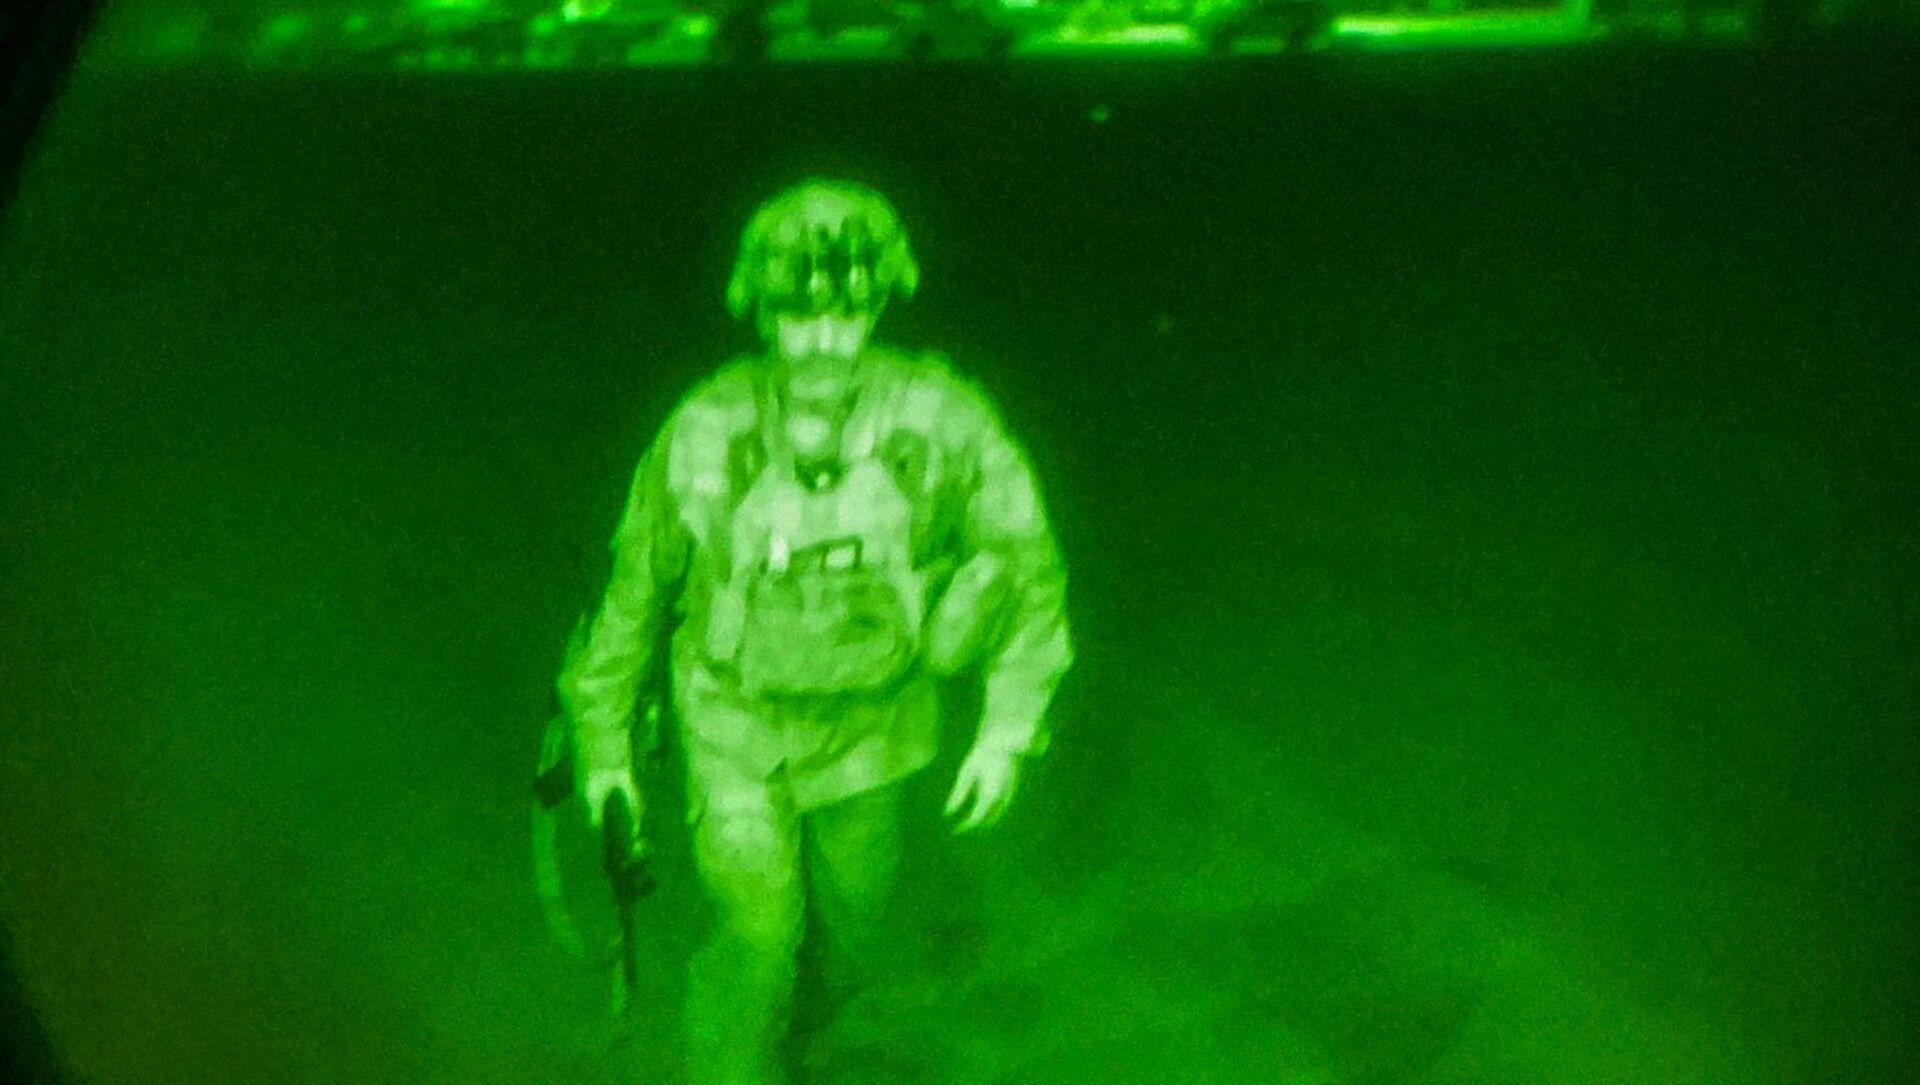 Le dernier soldat américain quittant Kaboul, le 30 août 2021  - Sputnik France, 1920, 02.09.2021